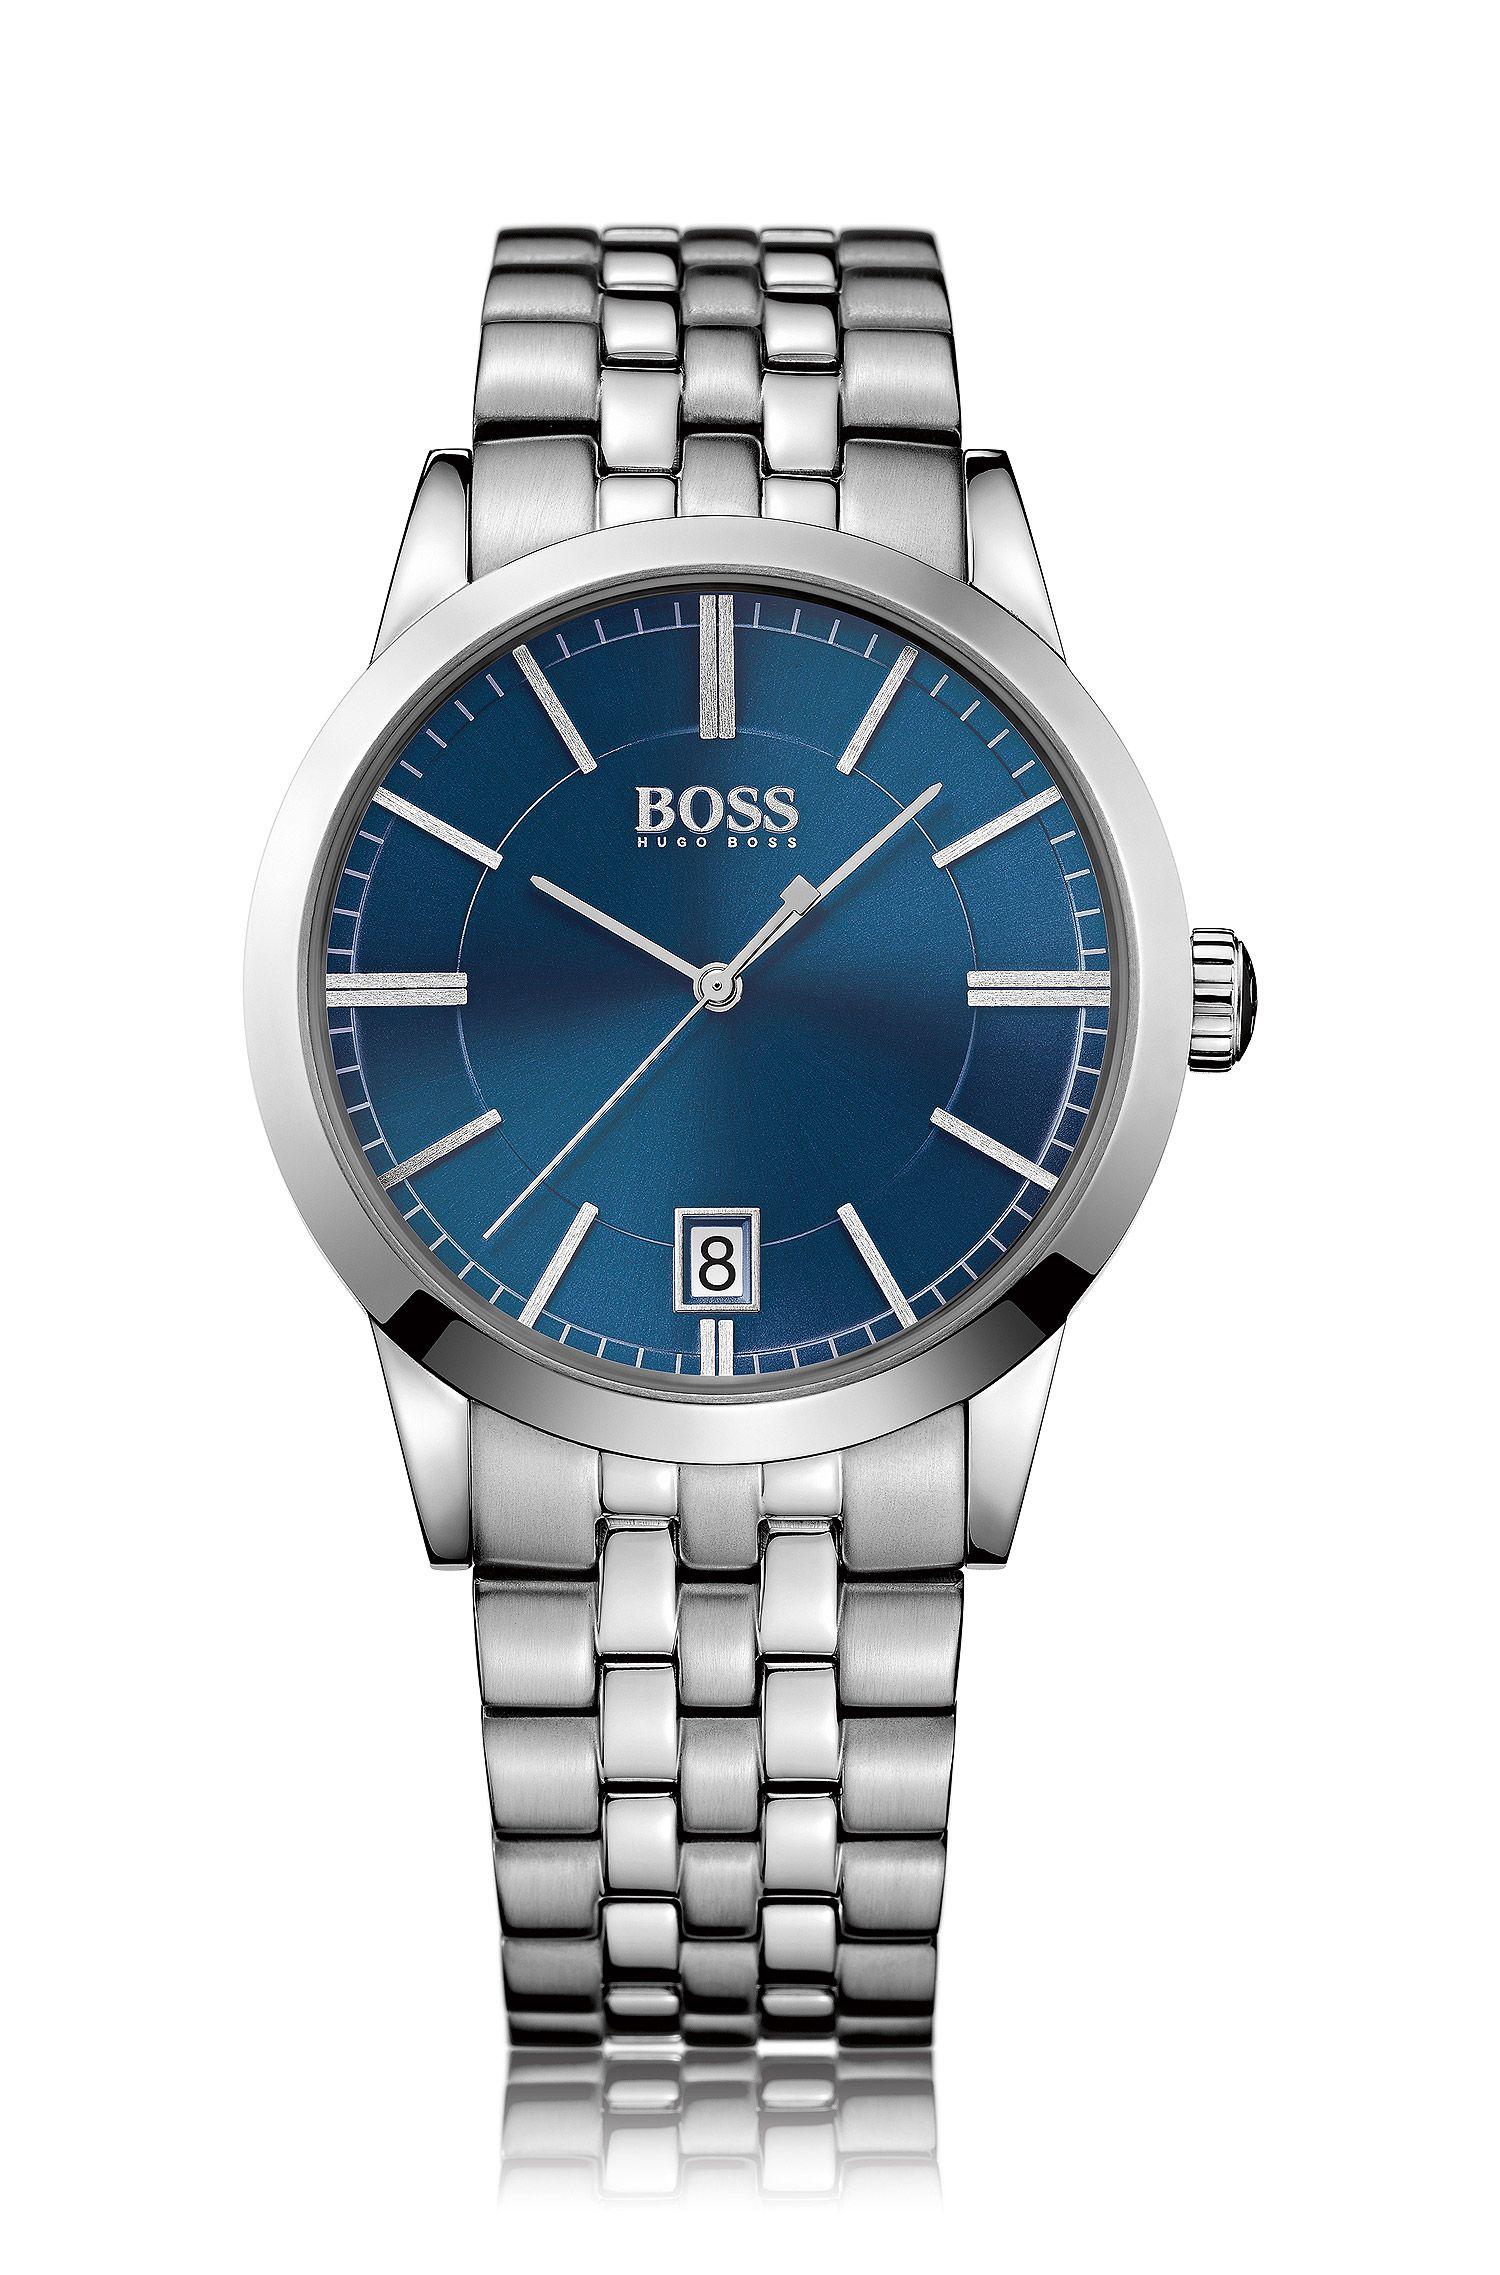 Montre en acier inoxydable poli à cadran soleillé bleu et bracelet à maillons